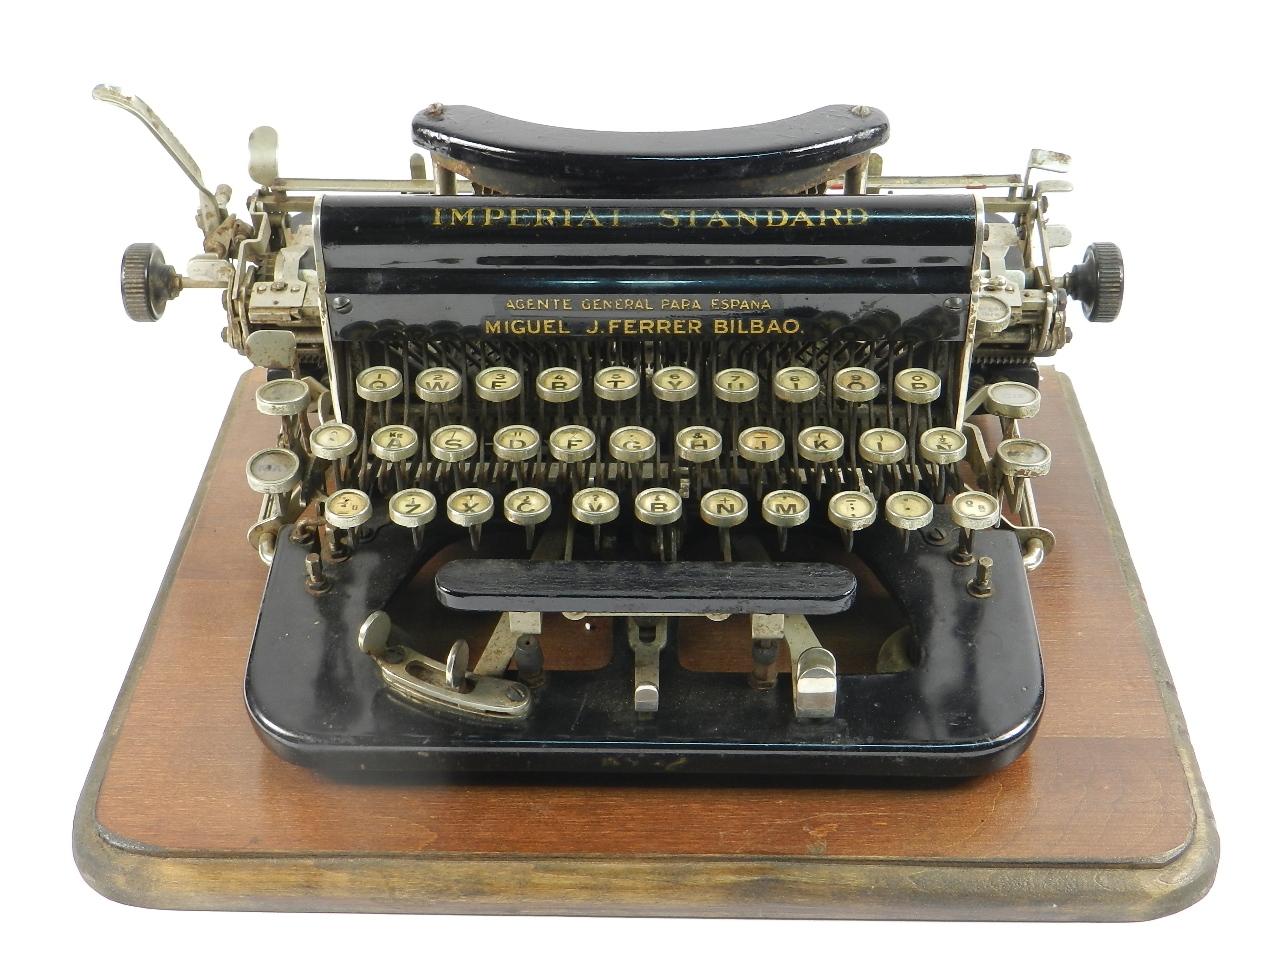 Imagen IMPERIAL D AÑO 1919 TECLADO ESPAÑOL 33173